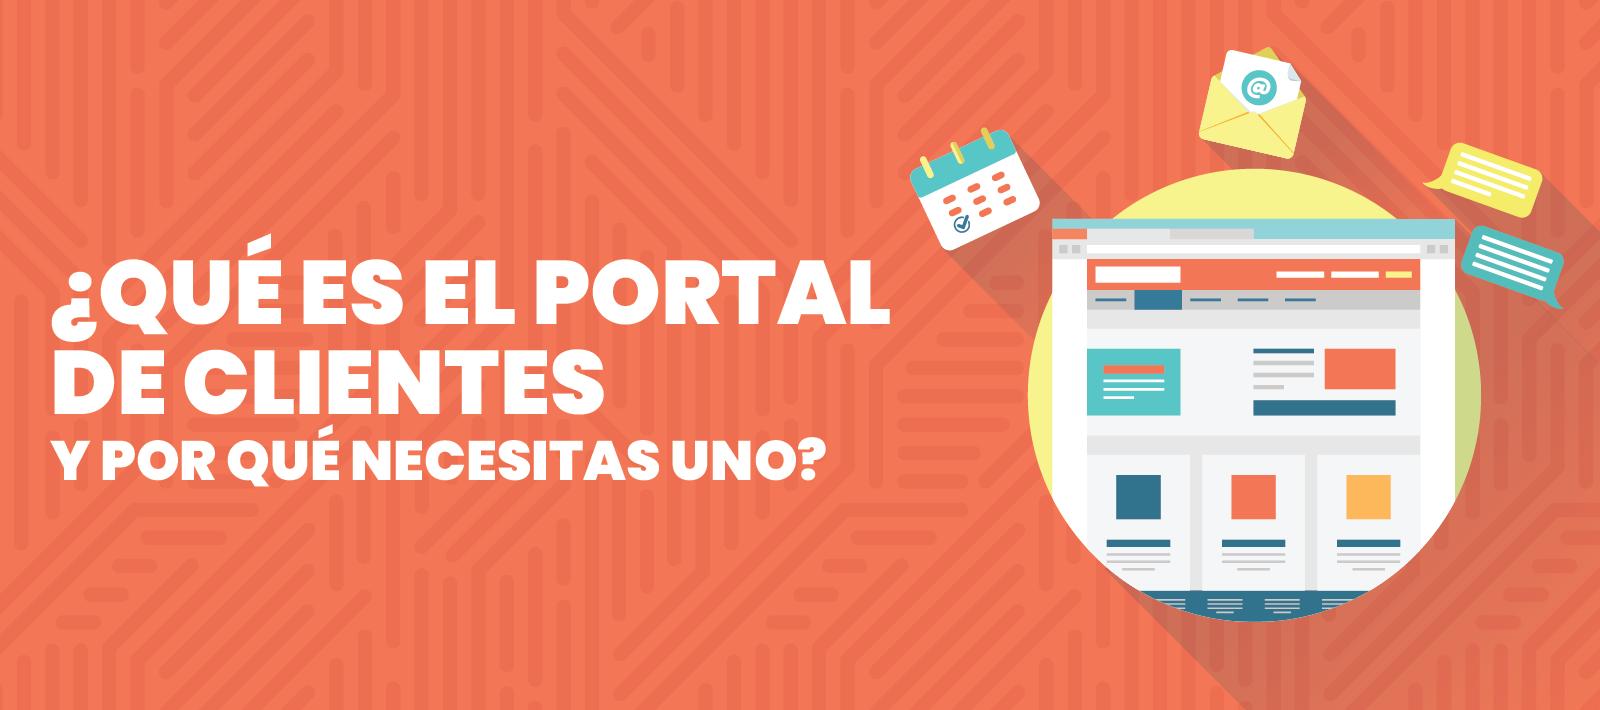 ¿Qué es el Portal de Clientes y por qué necesitas uno?